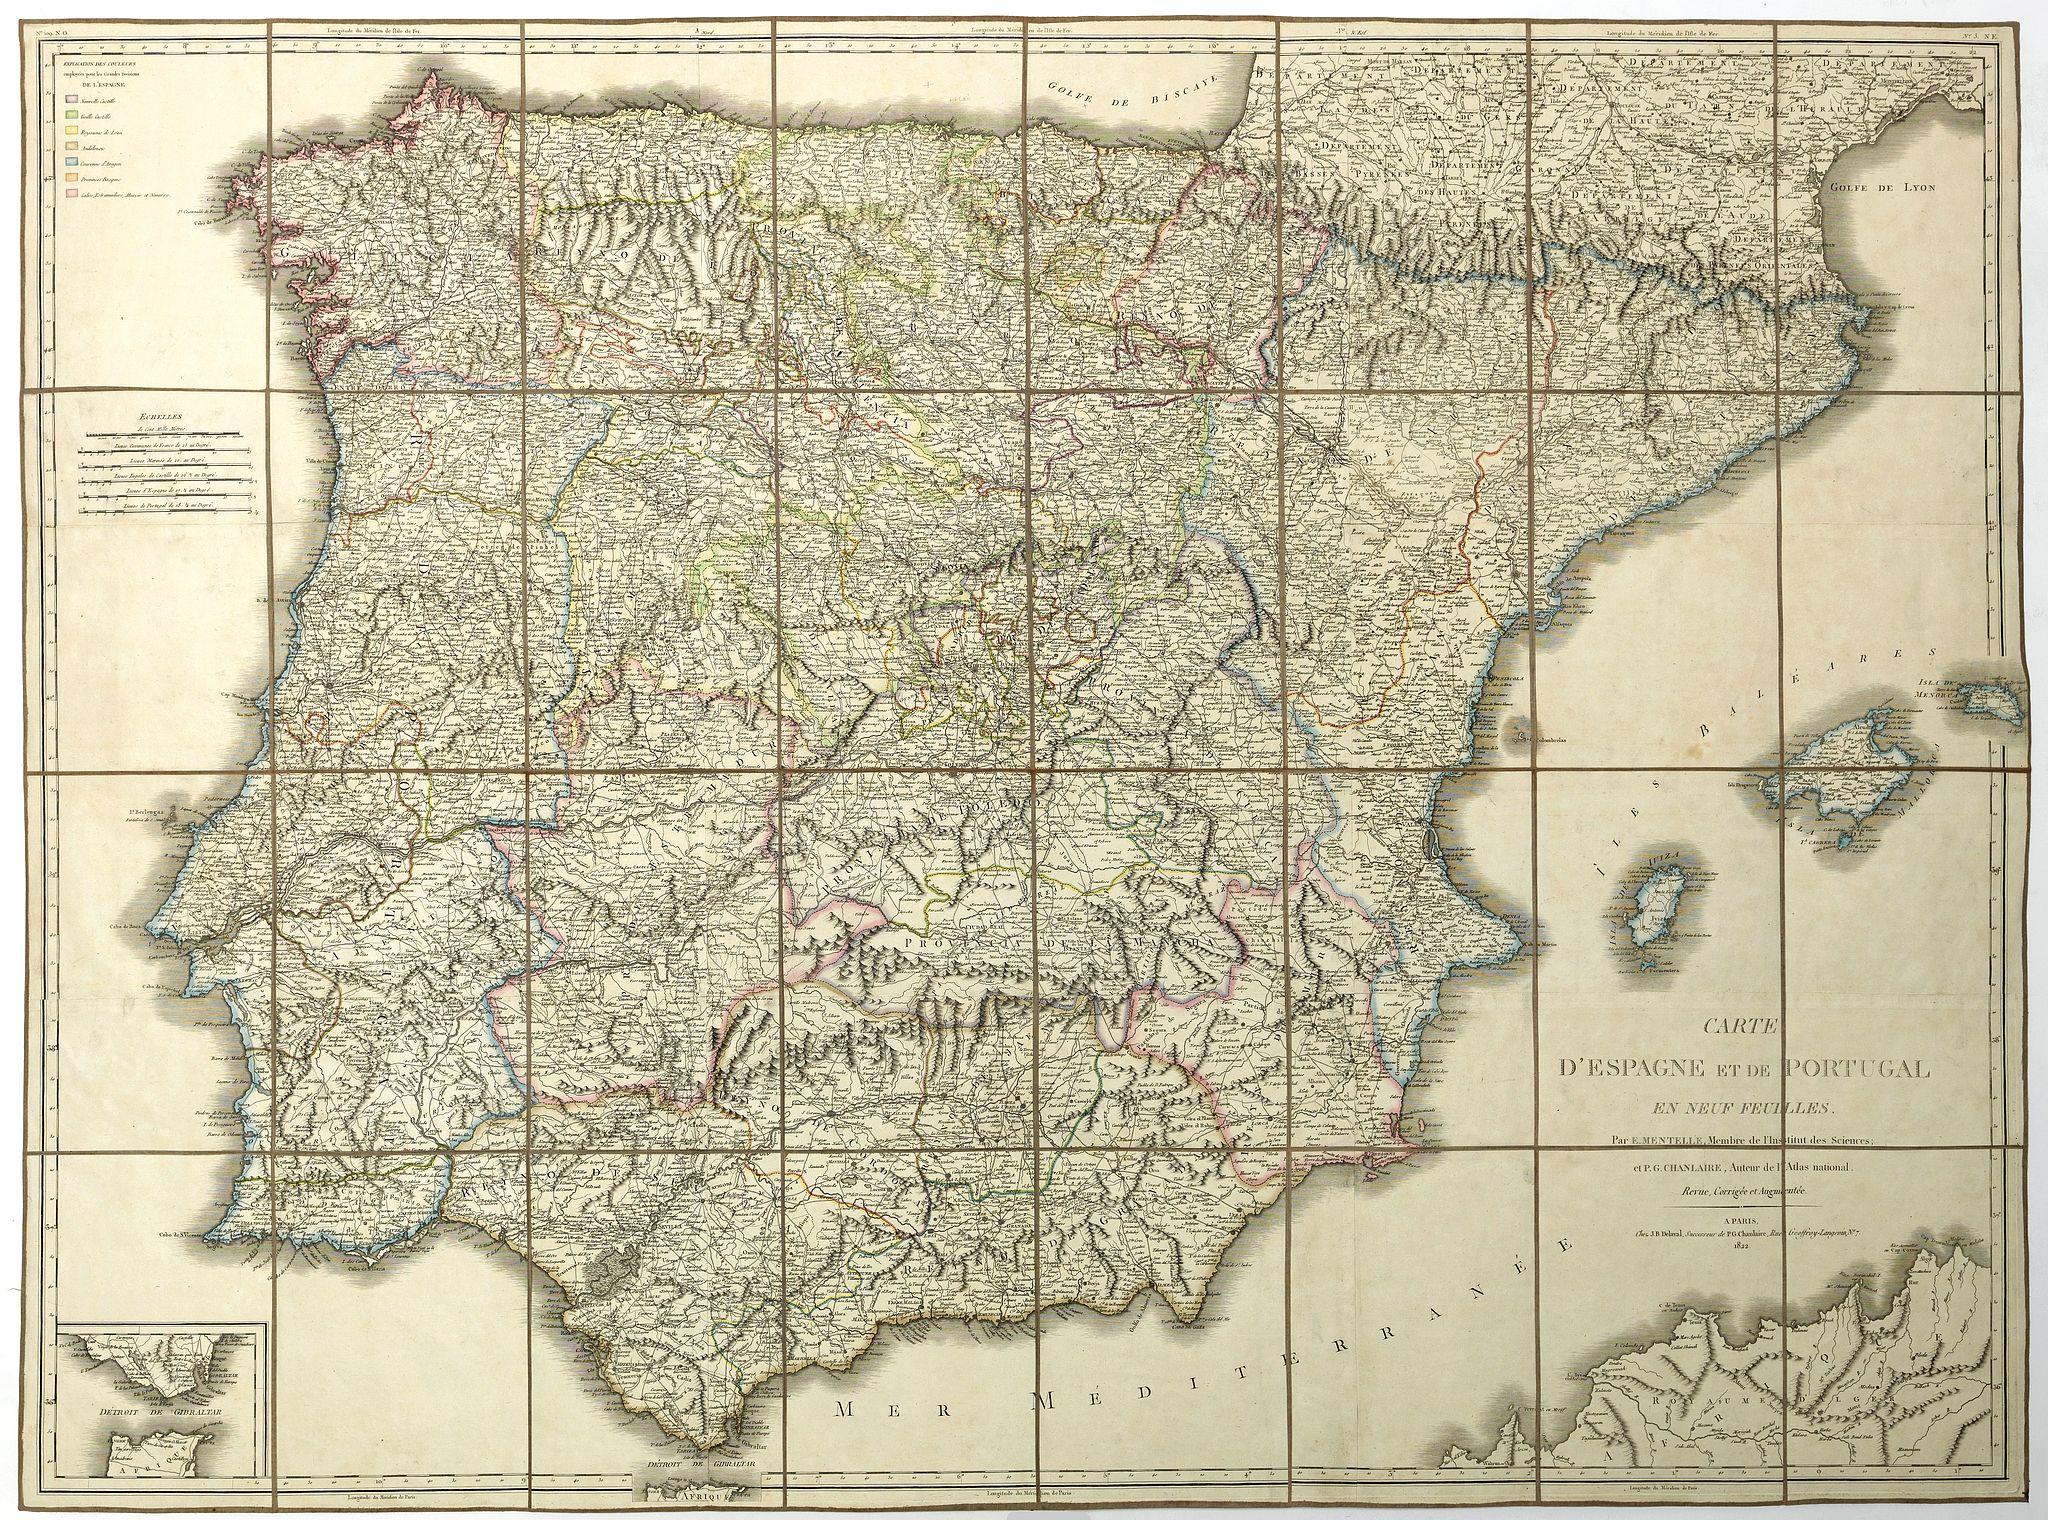 MENTELLE, Edme / DELAVAL, J.B. -  Carte d' Espagne et de Portugal en neuf  feuilles. . .